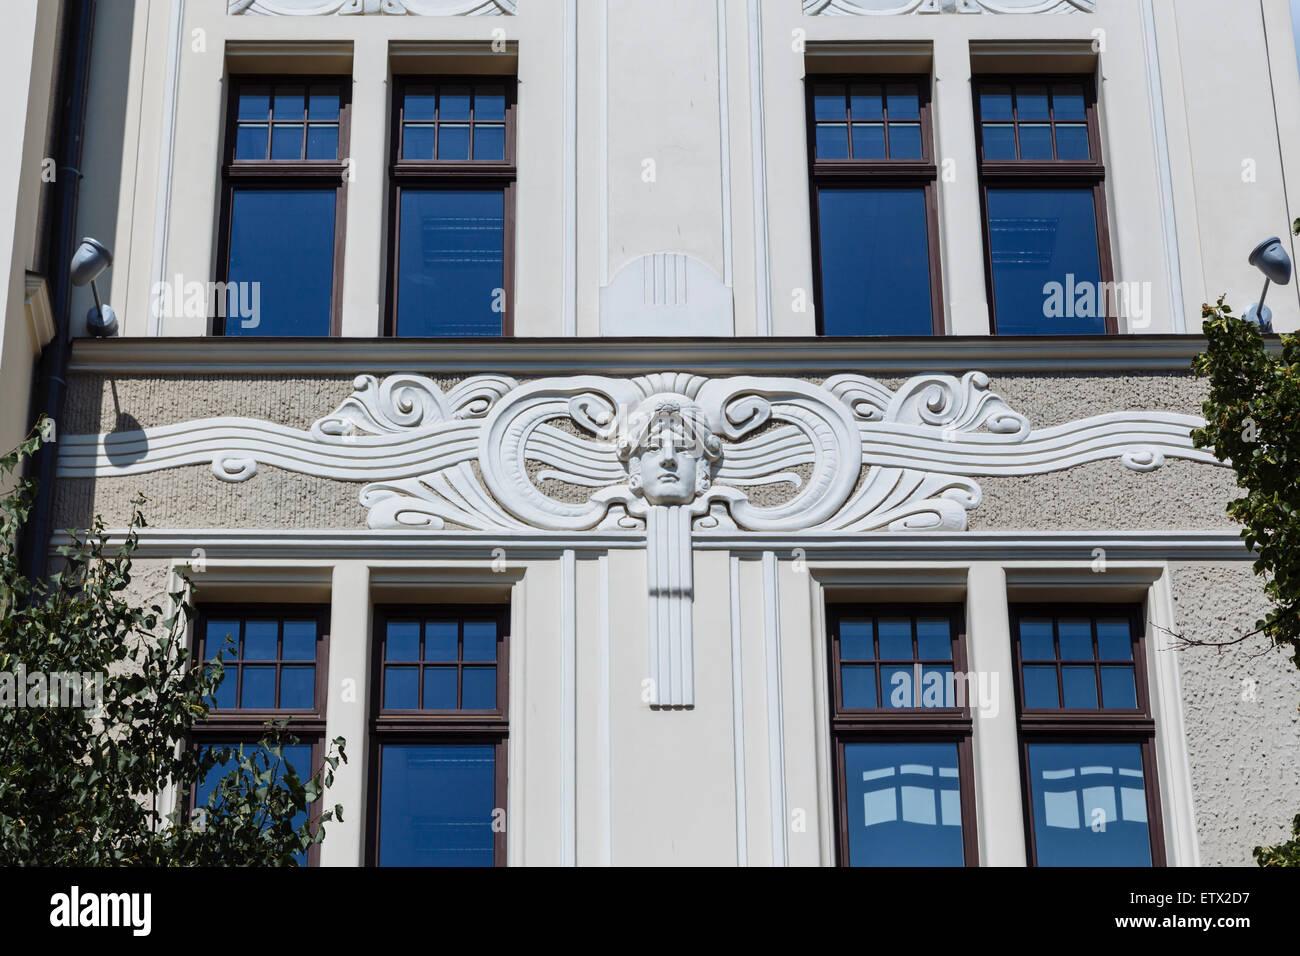 Facade of Art Nouveau (Jugendstil) building at Elizabetes iela 23, Riga, Latvia, designed by Hermanis Hilbigs - Stock Image